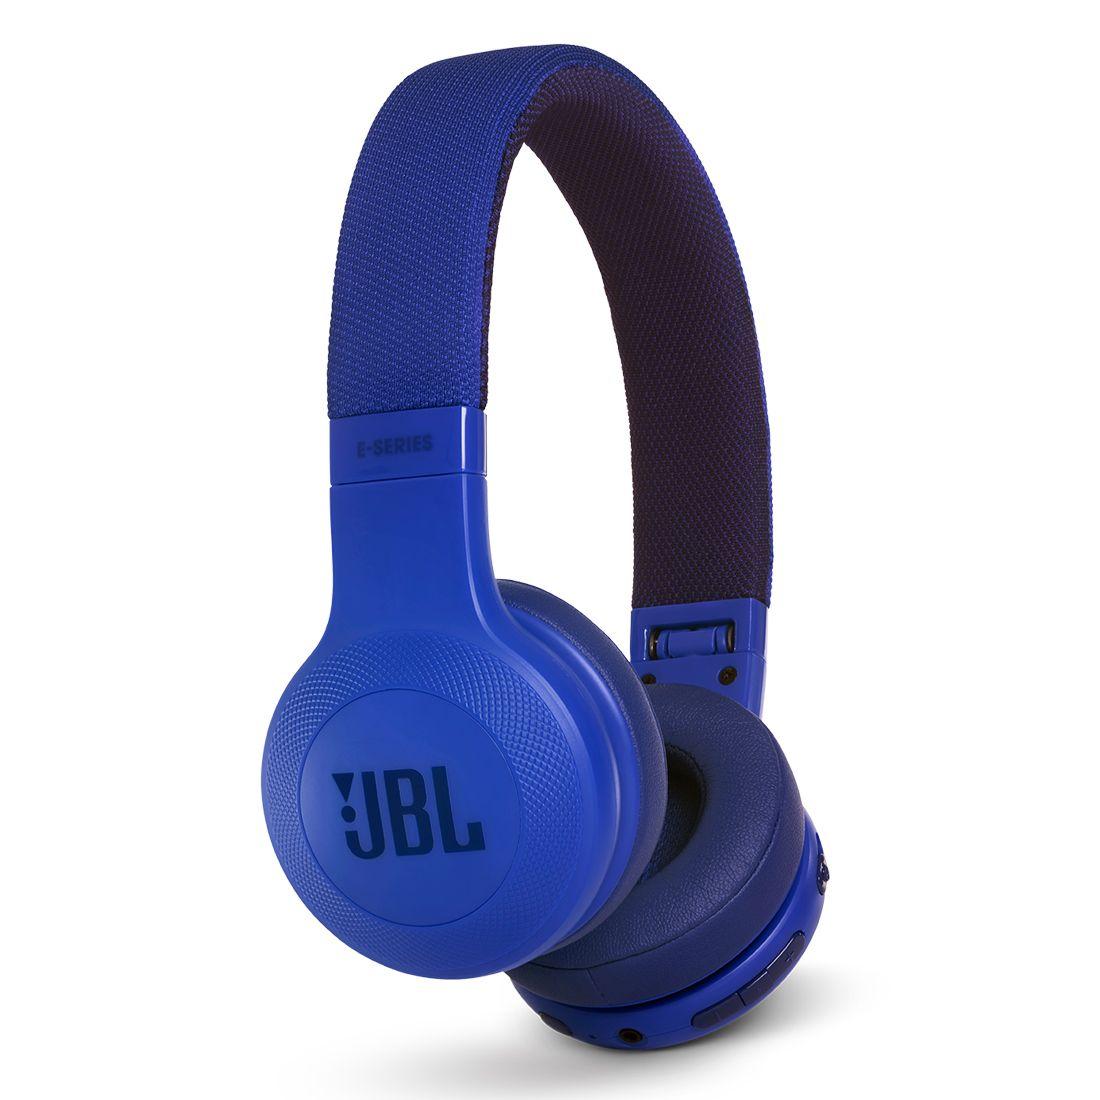 JBL E45BT On-Ear Wireless Headphones - Blue